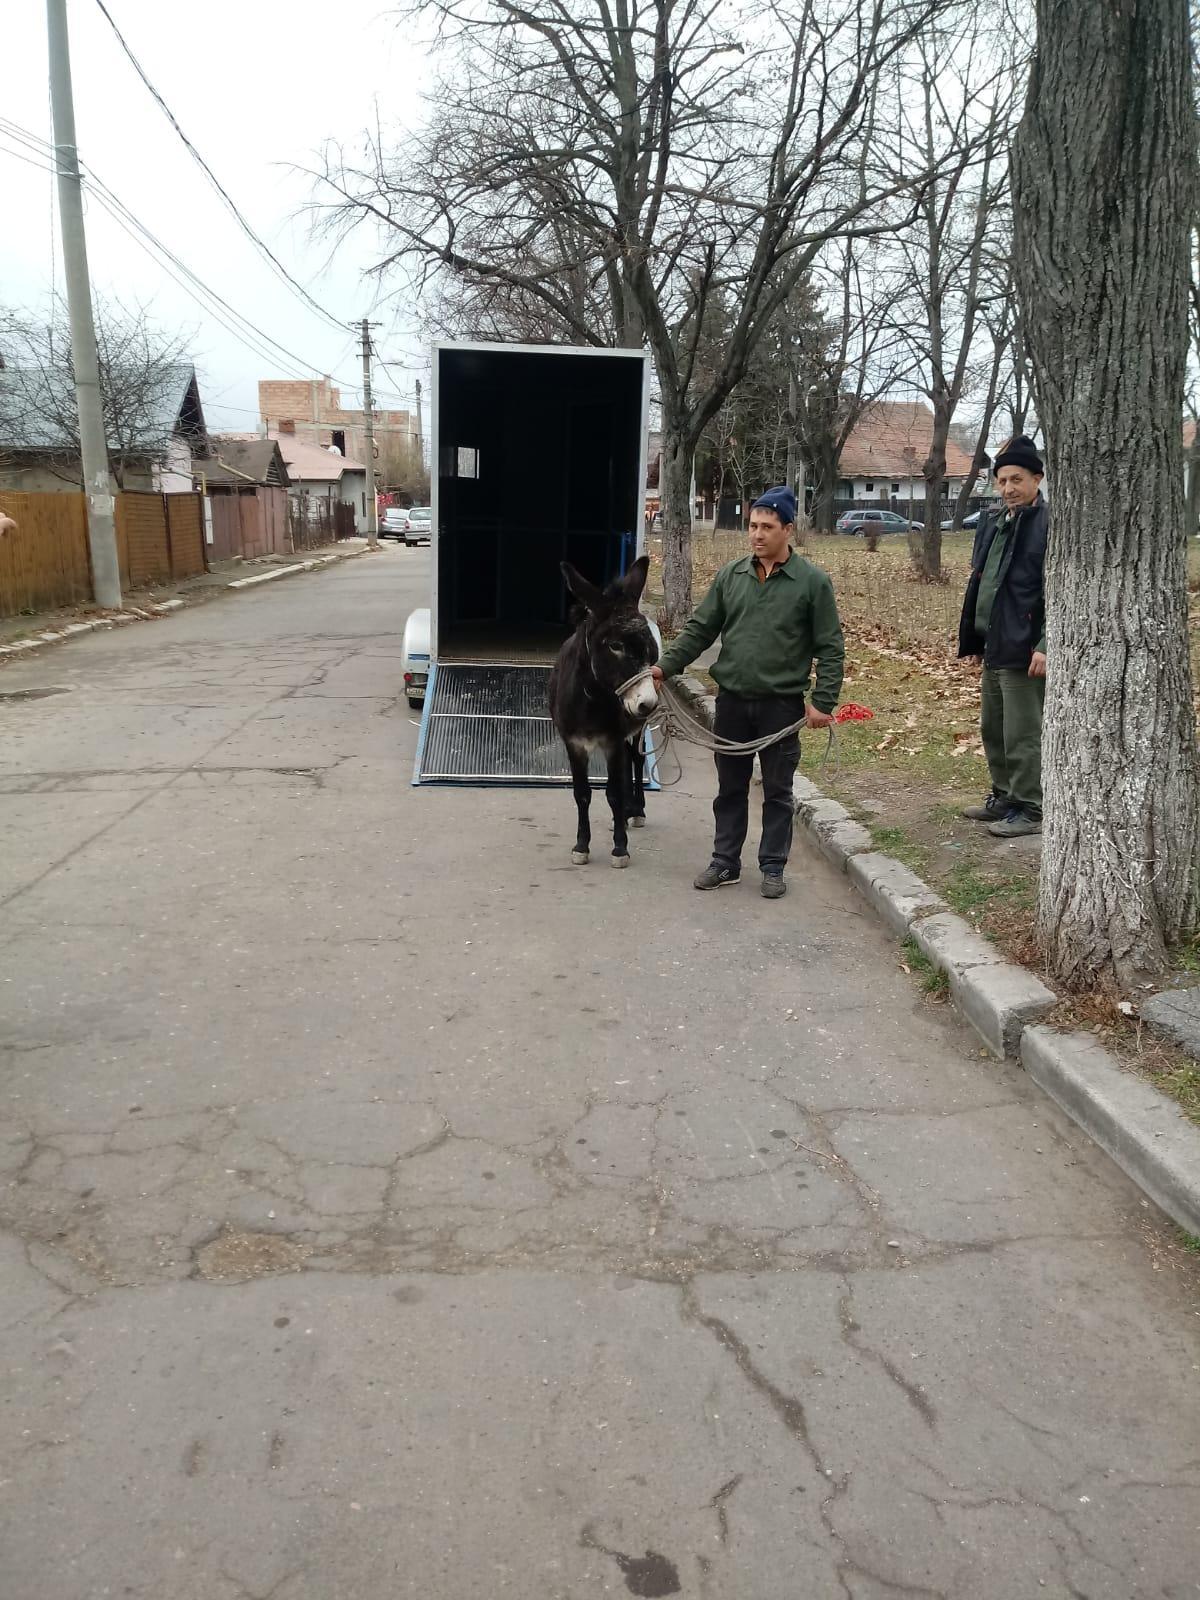 magar-parc-strada-eroilor-ploiesti_e8290.jpg